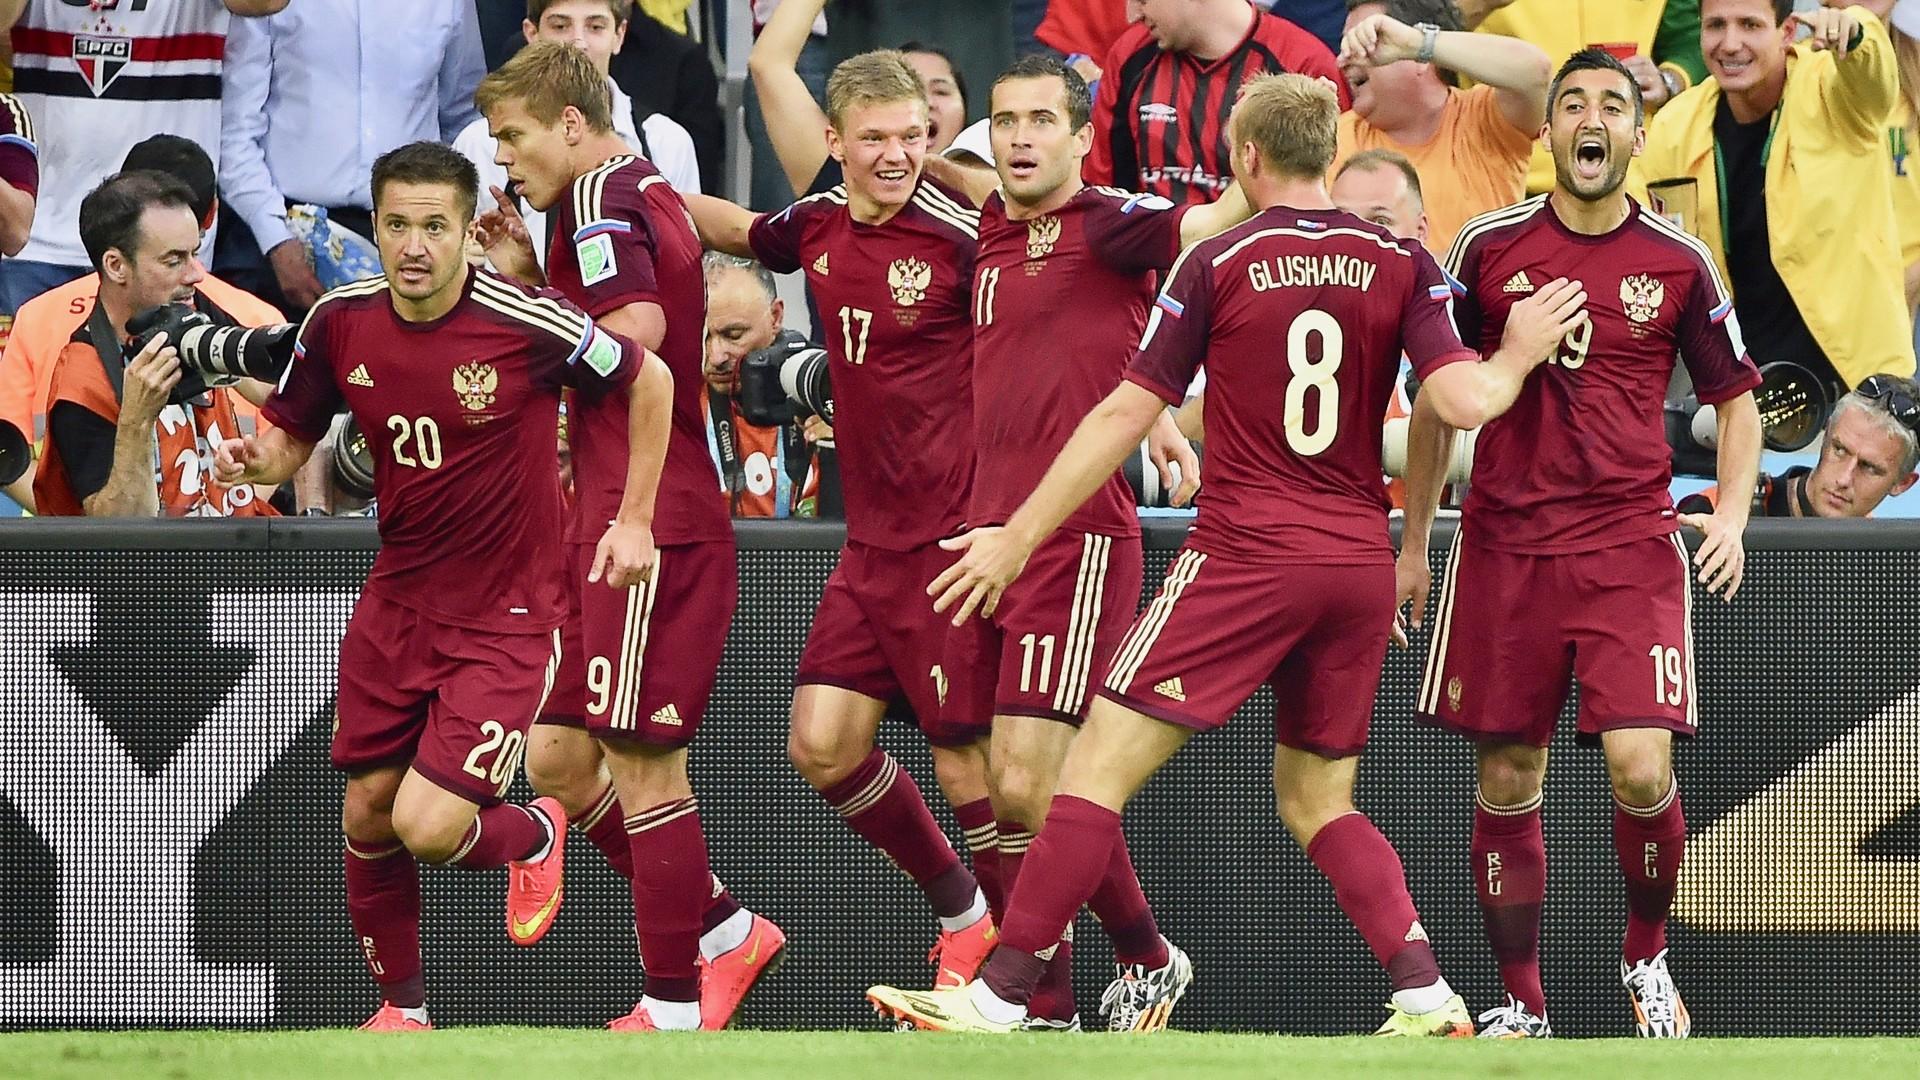 ФИФА получила отWADA новые данные одопинг-пробах российских футболистов